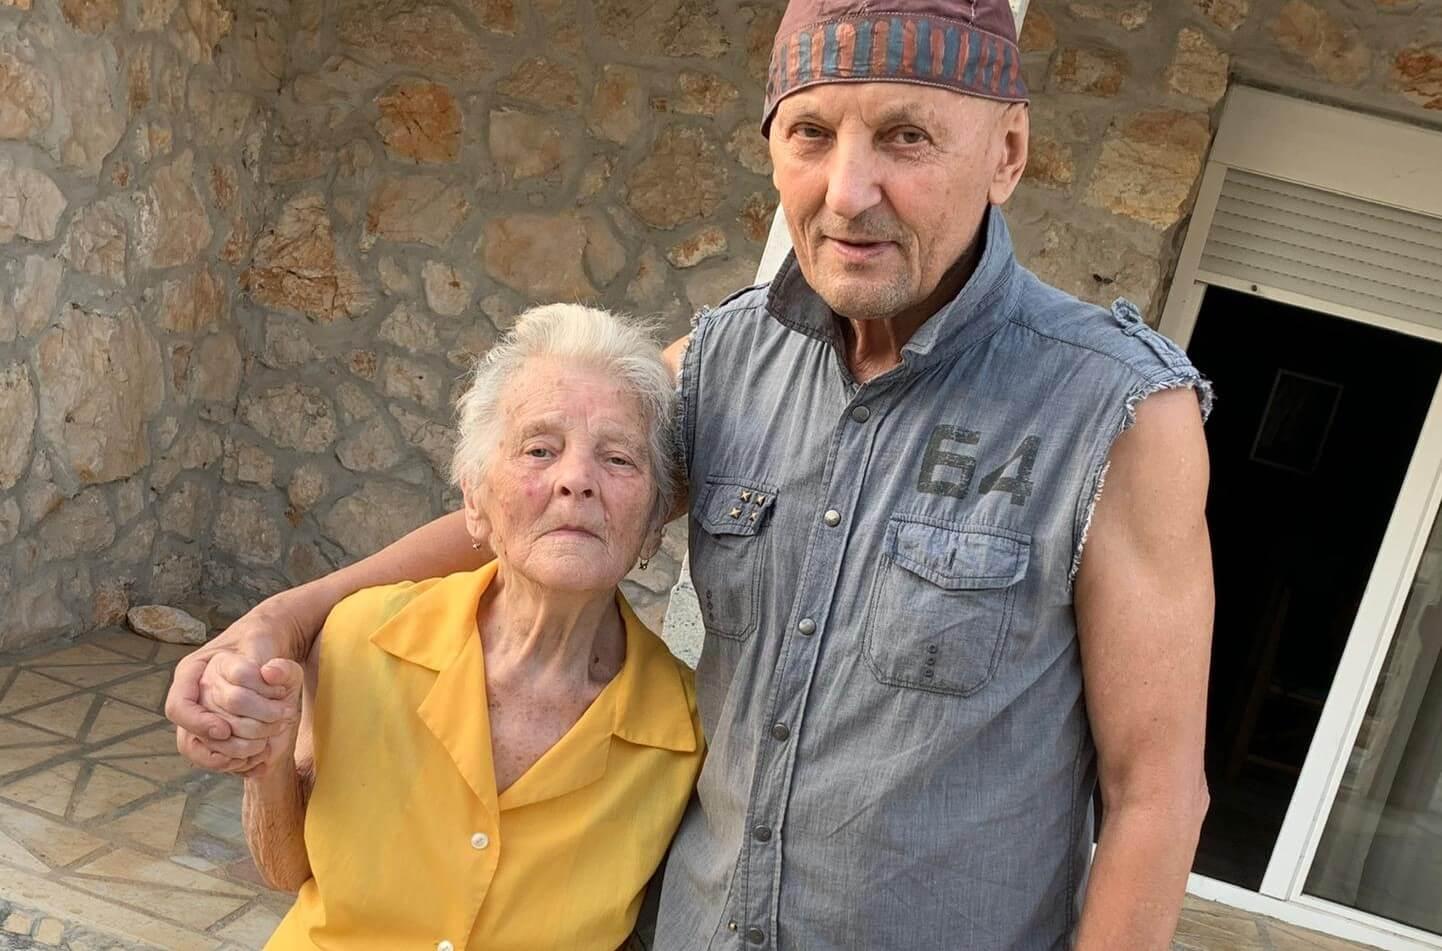 Stephan Lupino: Rado darujem starije, teško mi je gledati ih kako se muče, zaslužili su bolje